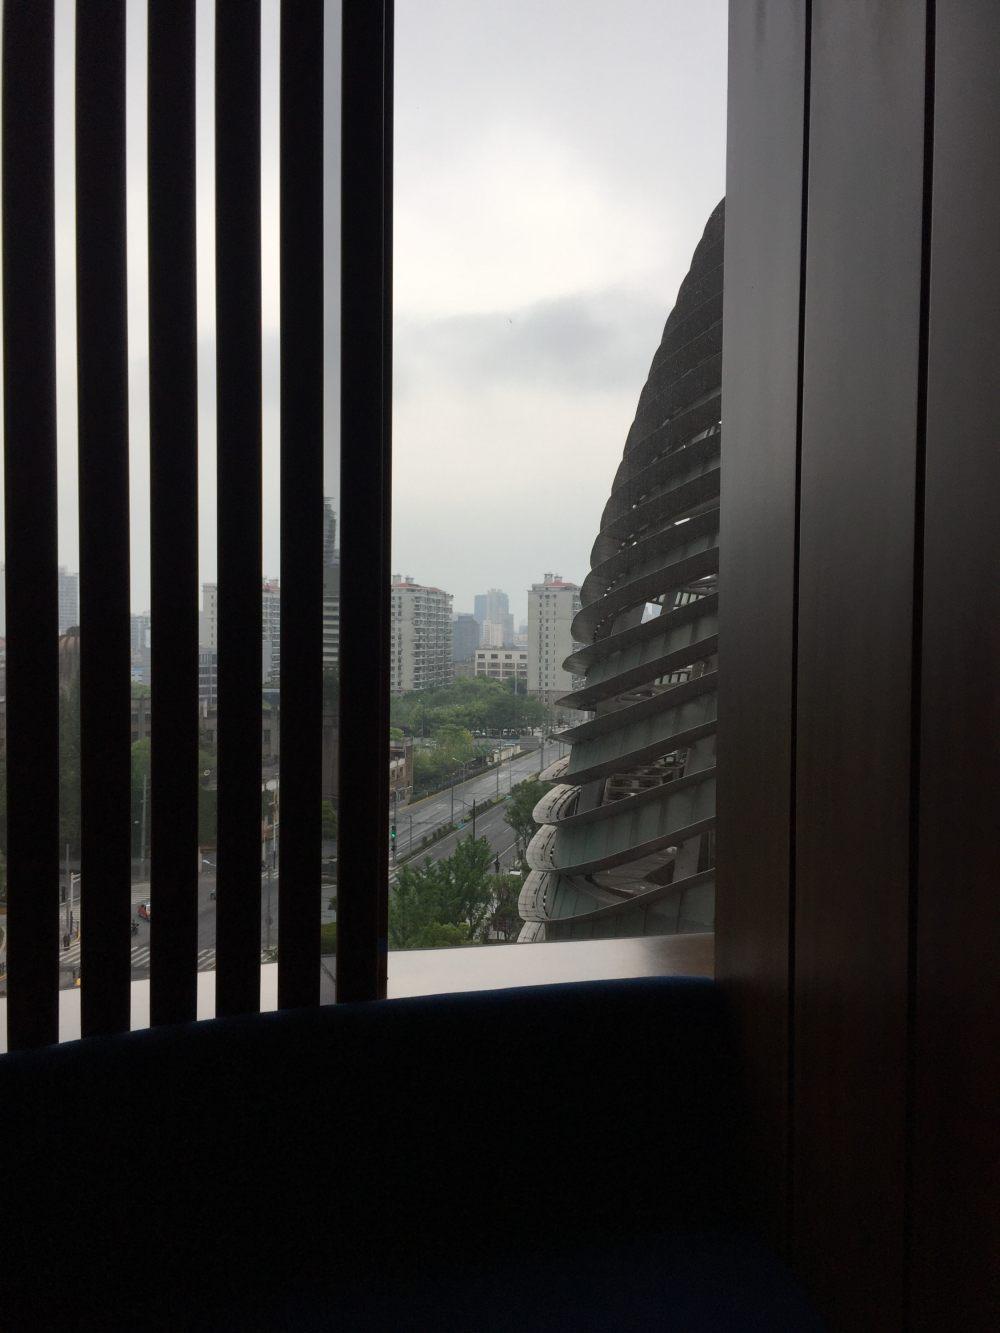 上海外滩W酒店,史上最全入住体验 自拍分享,申请置...._IMG_6268.JPG